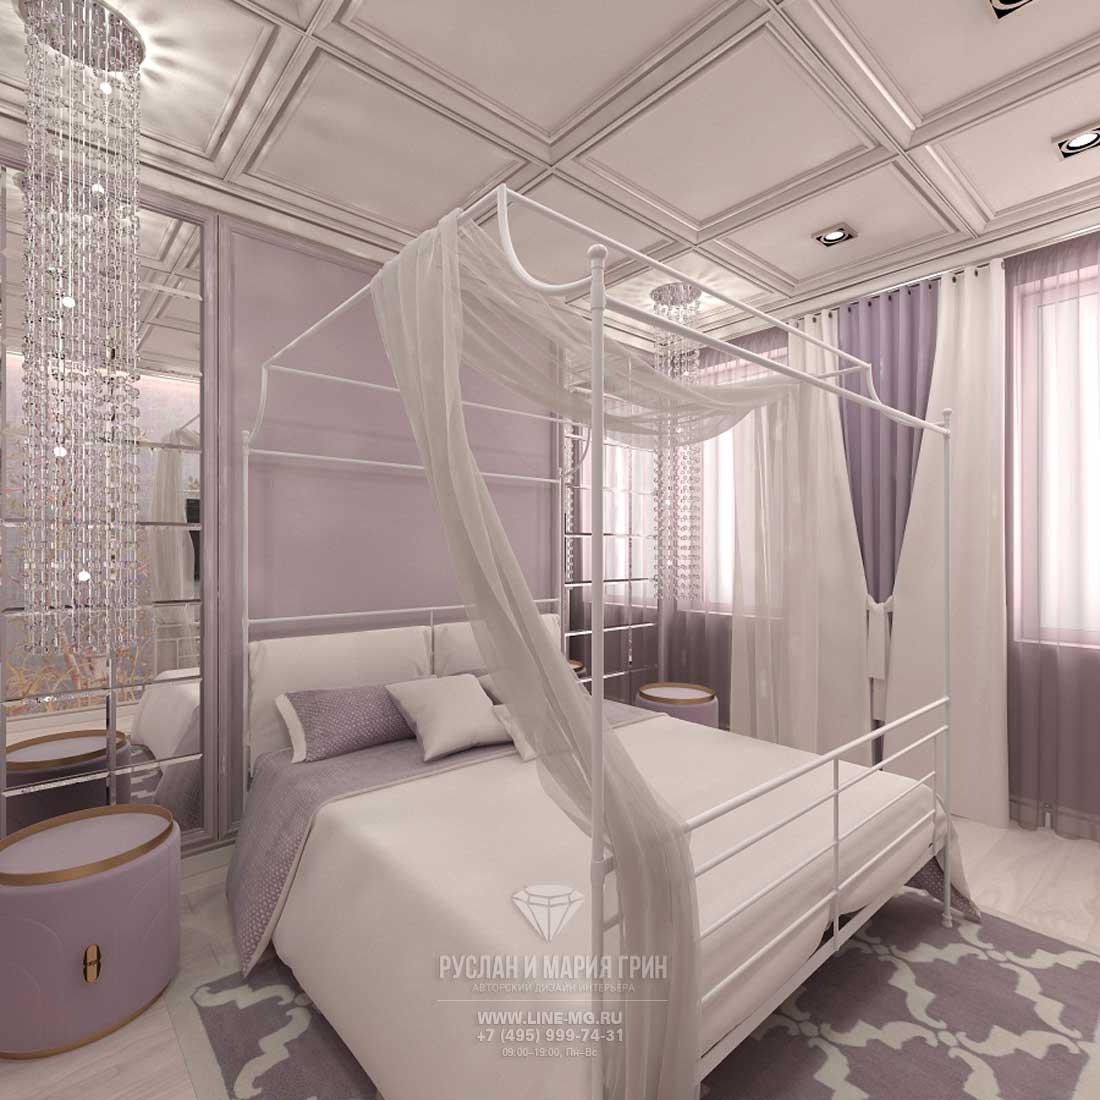 Дизайн красивой квартиры. Фото интерьера спальни 2017